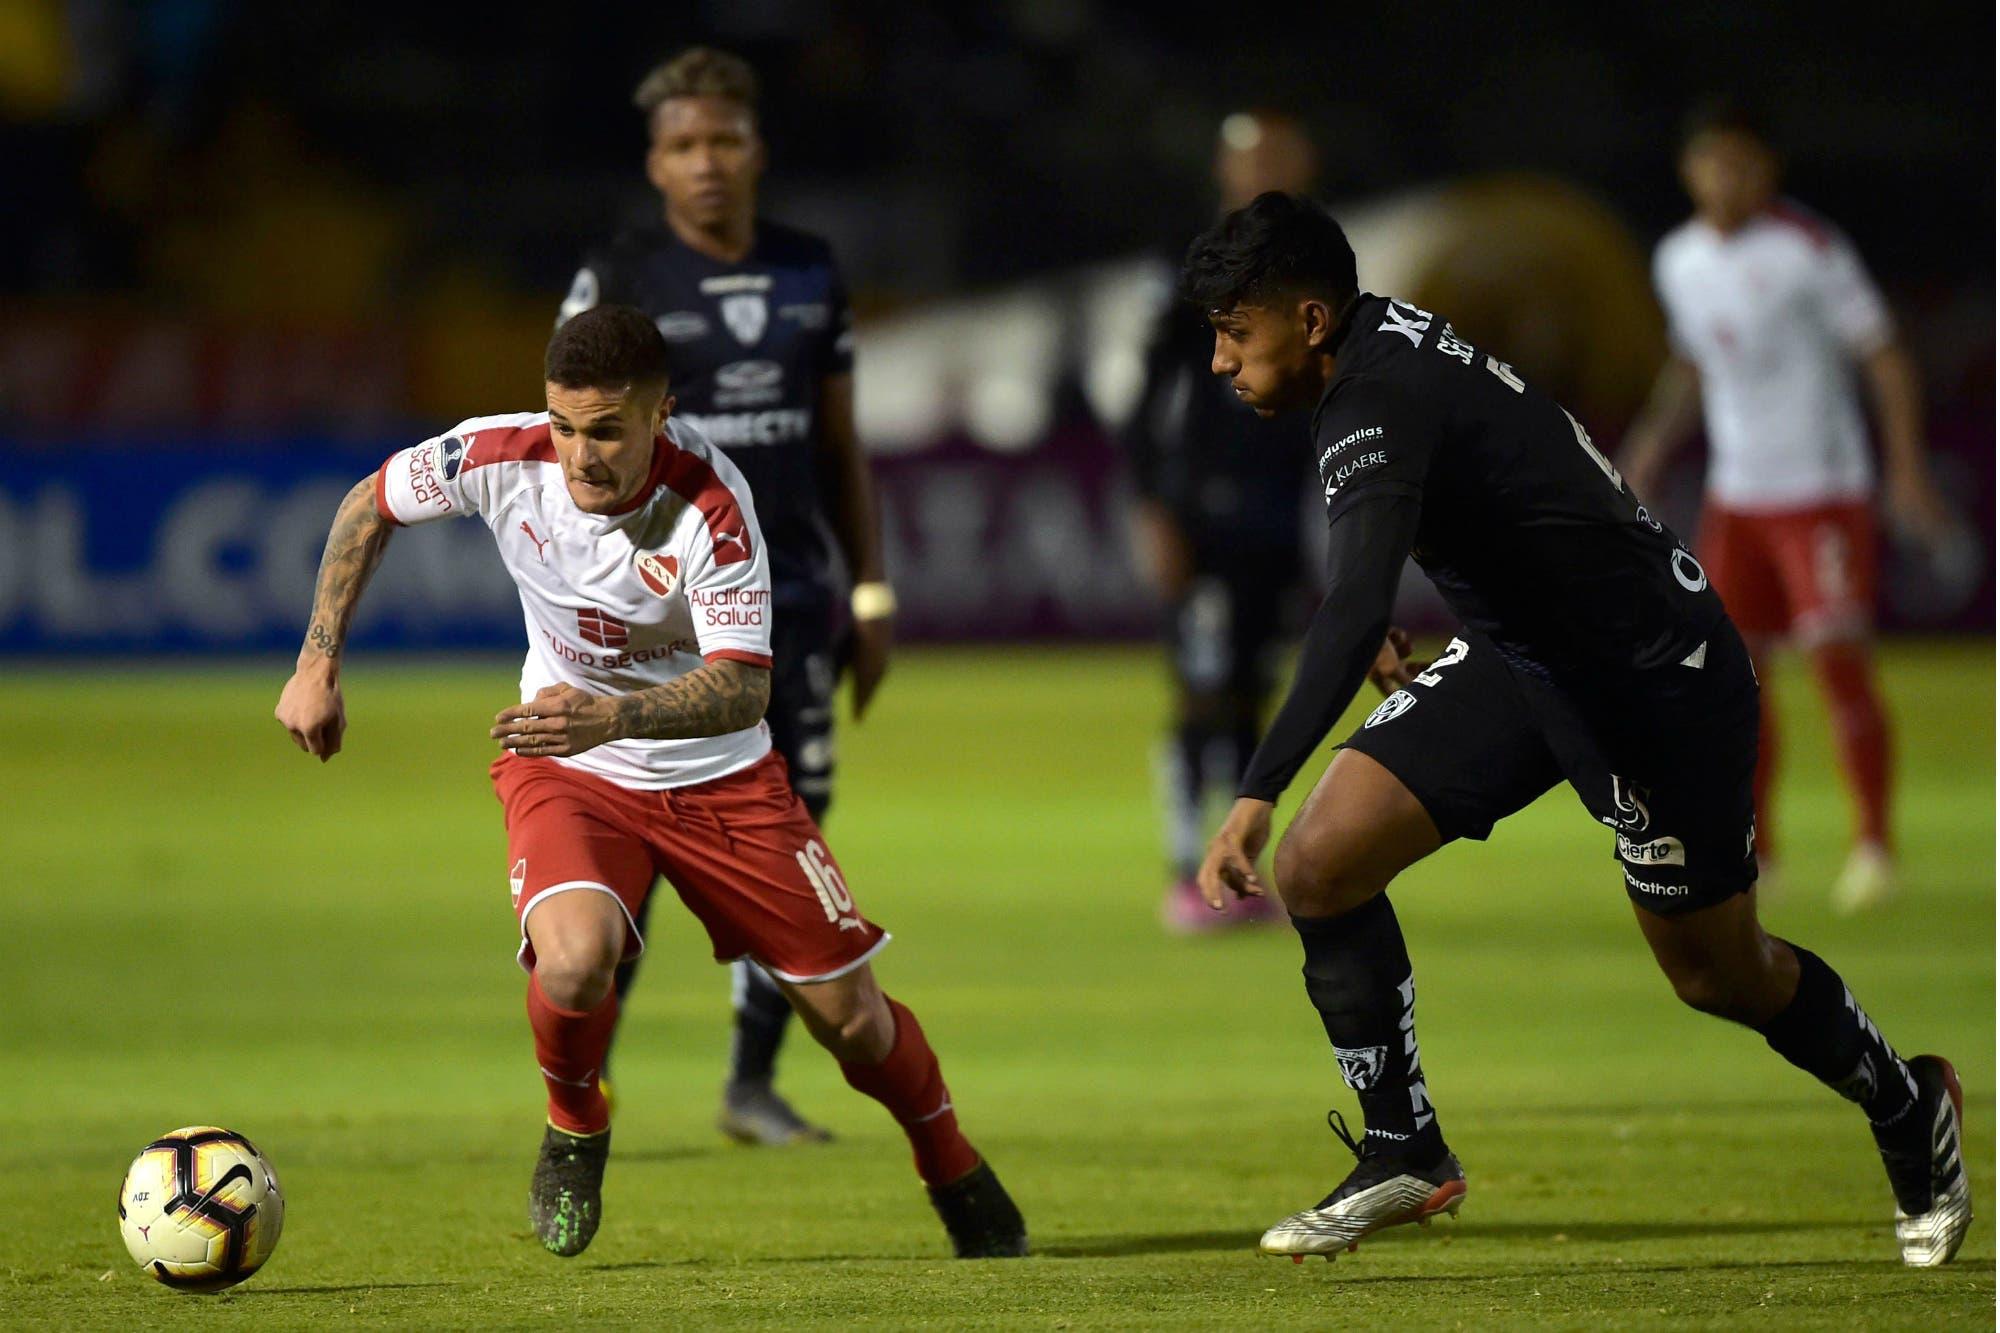 Un duro golpe a la historia: Independiente quedó eliminado en la altura y con un rival limitado